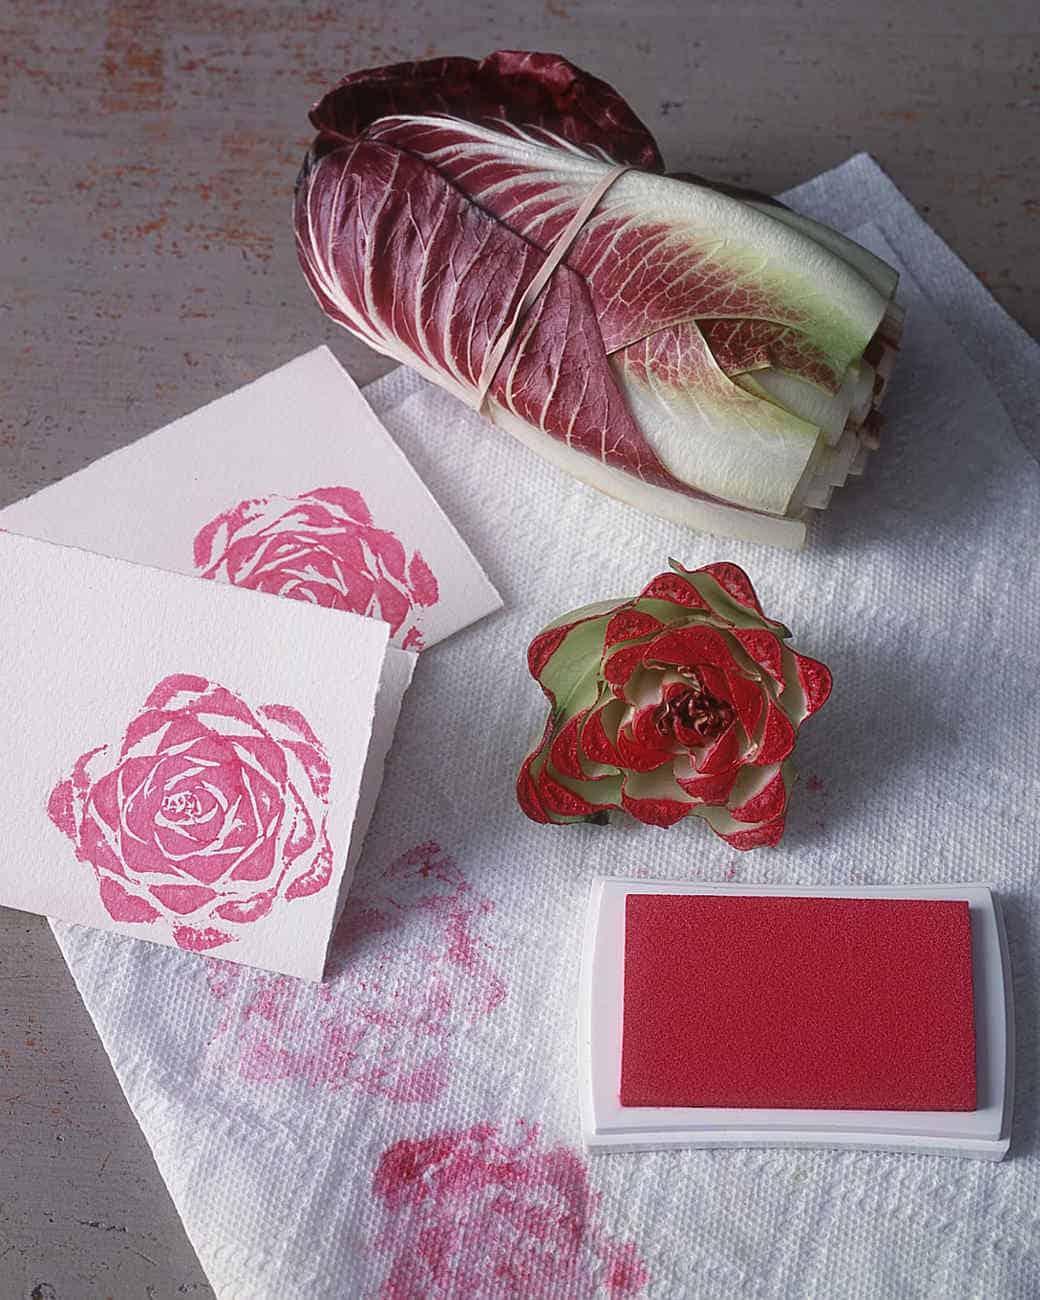 Lettuce stamps